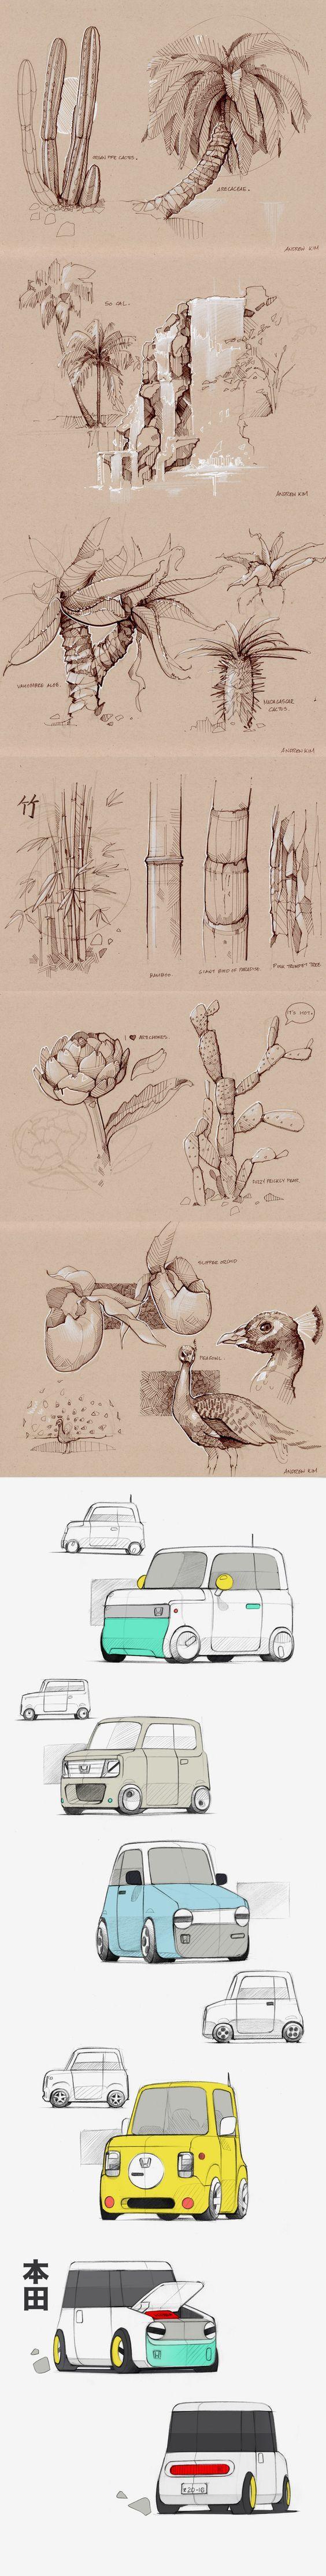 Andrew Kim's sketches